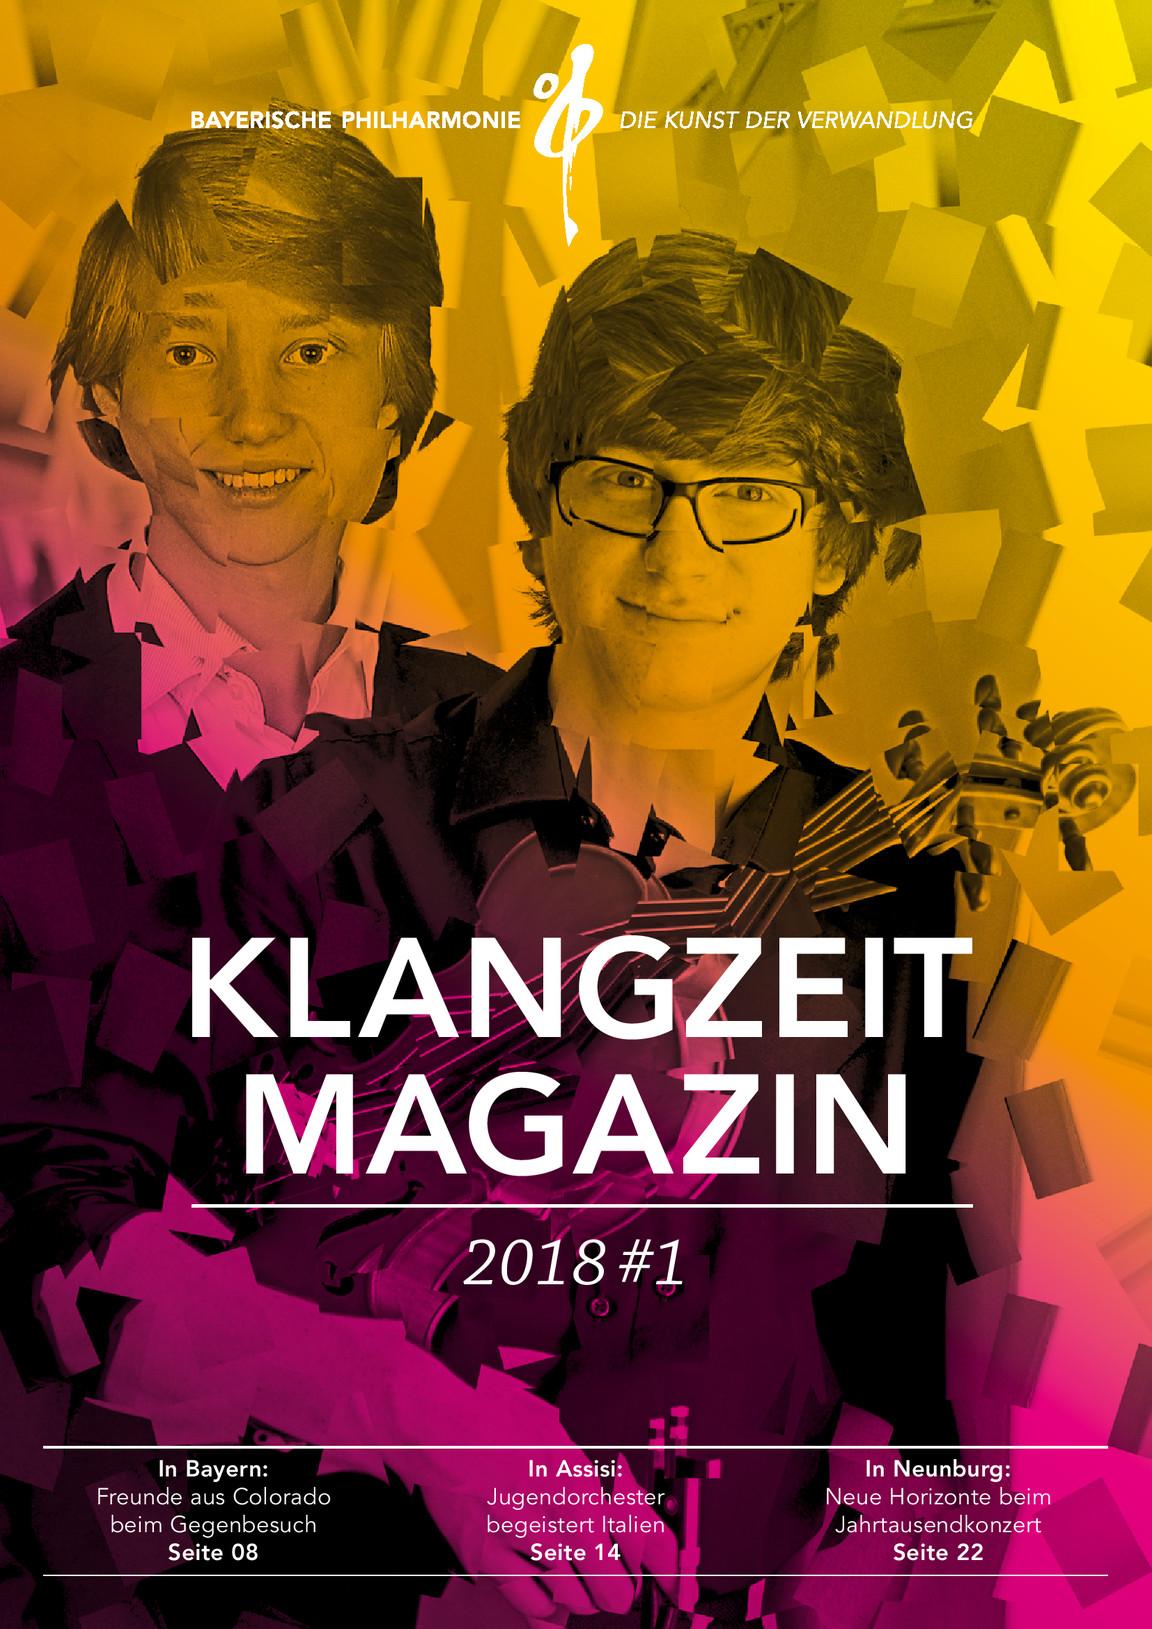 """Das soeben erschienene Klangzeit-Magazin 2017/18 der Bayerischen Philharmonie widmet dem Neunburger Jubiläums-Kulturprojekt """"Jahrtausendkonzert"""" eine illustrierte Doppelseite."""